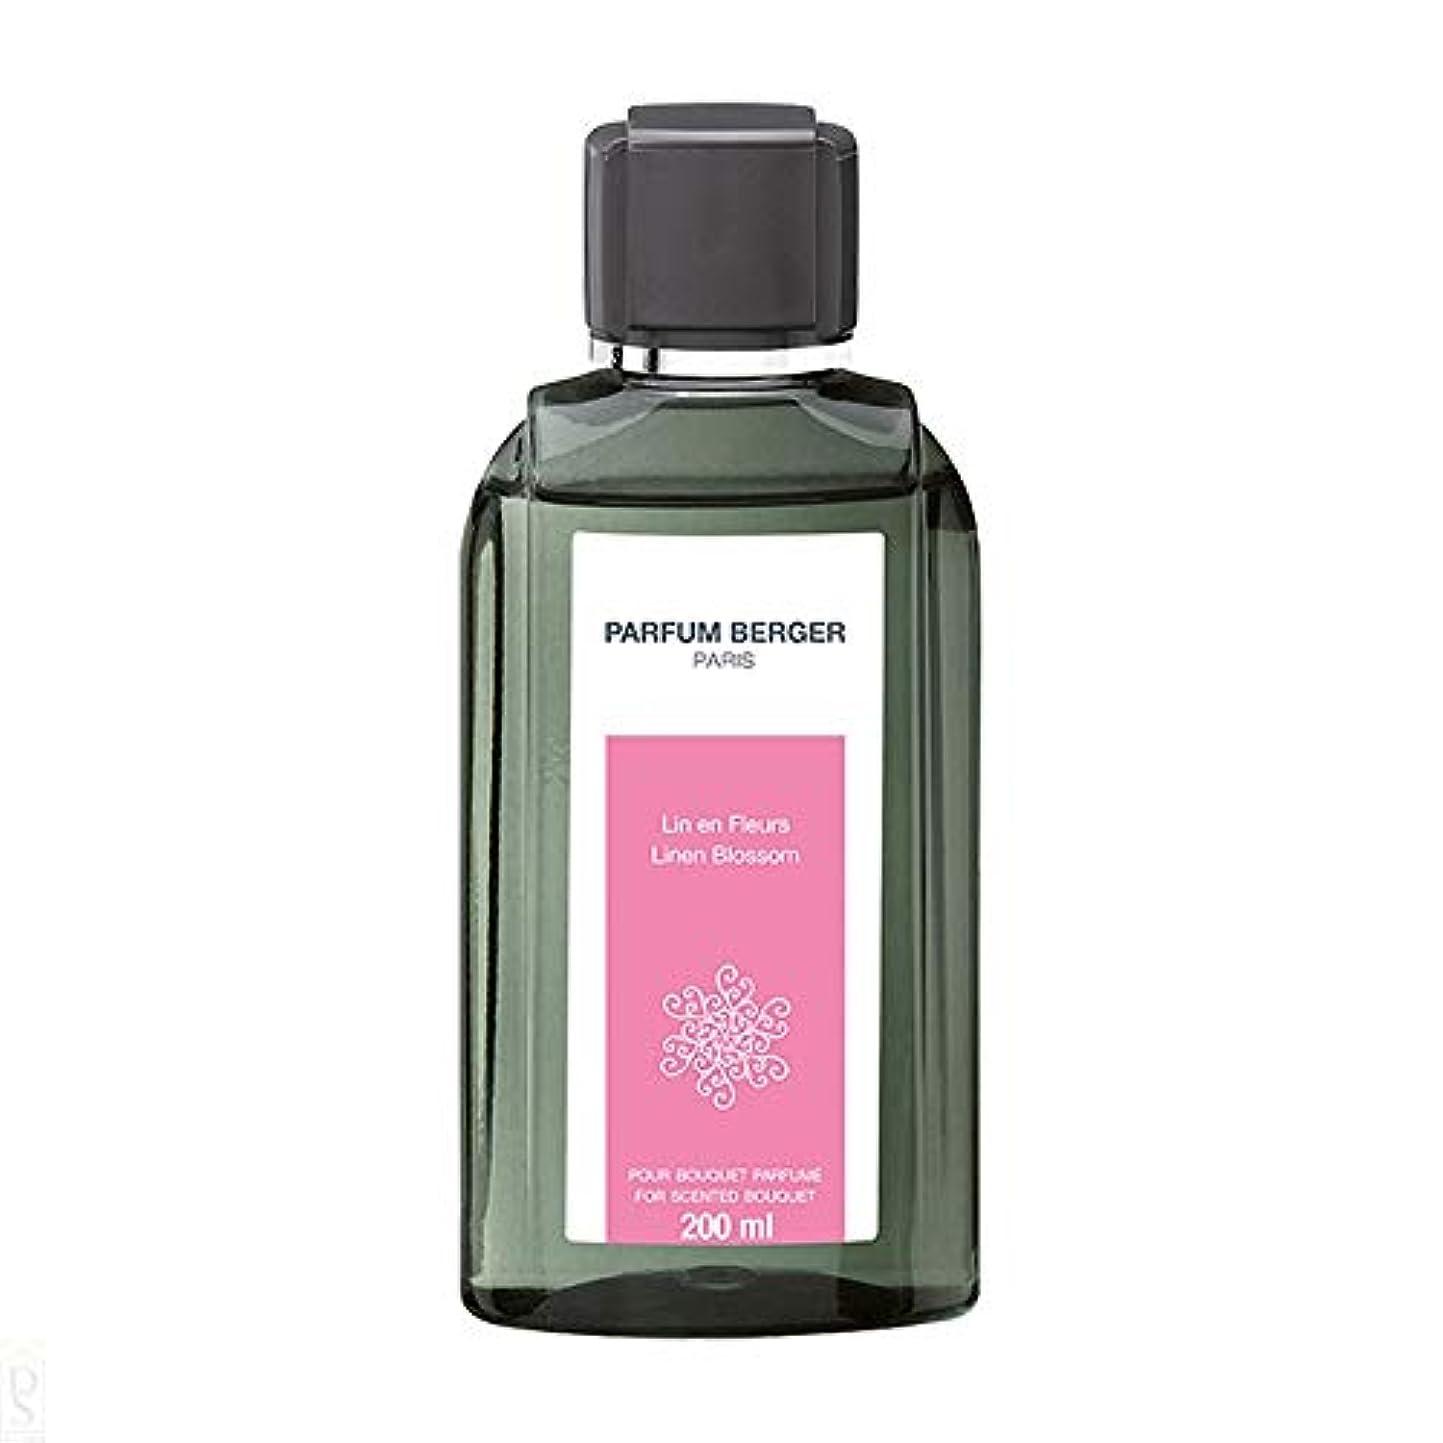 多年生恨み細菌ランプベルジェ Bouquet Refill - Linen Blossom 200ml並行輸入品